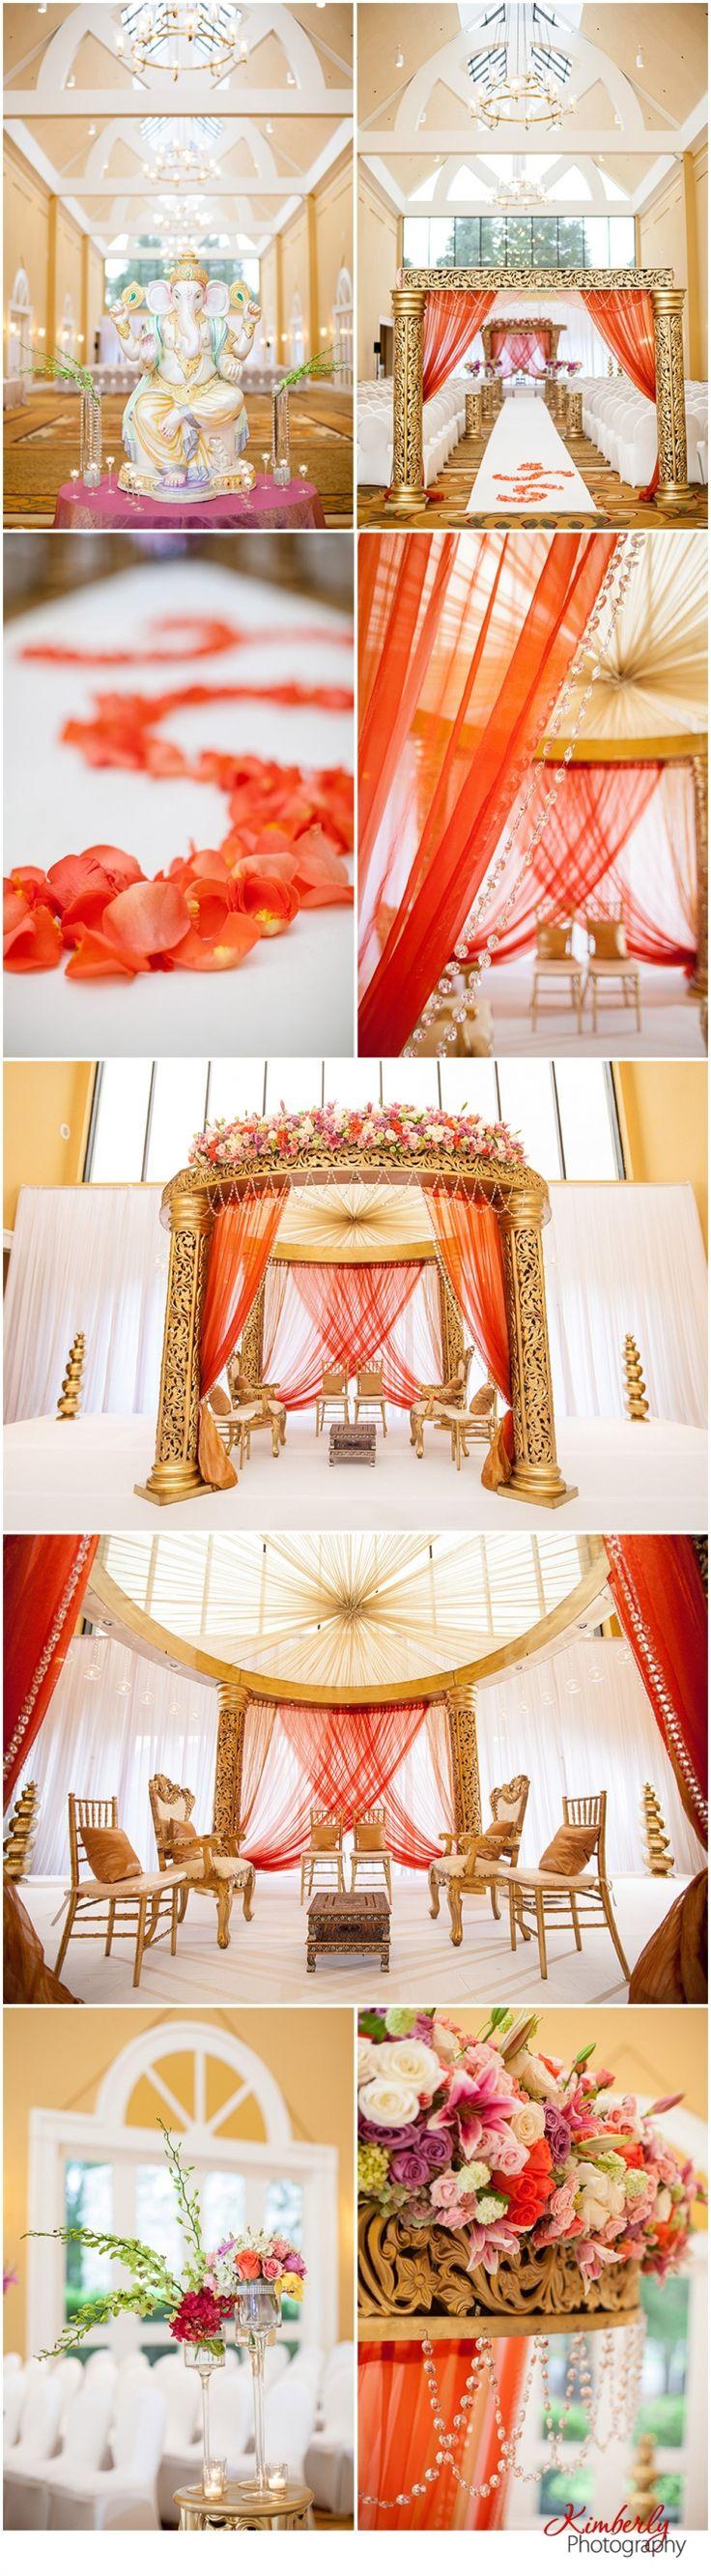 best mehndi decoration images on pinterest indian wedding